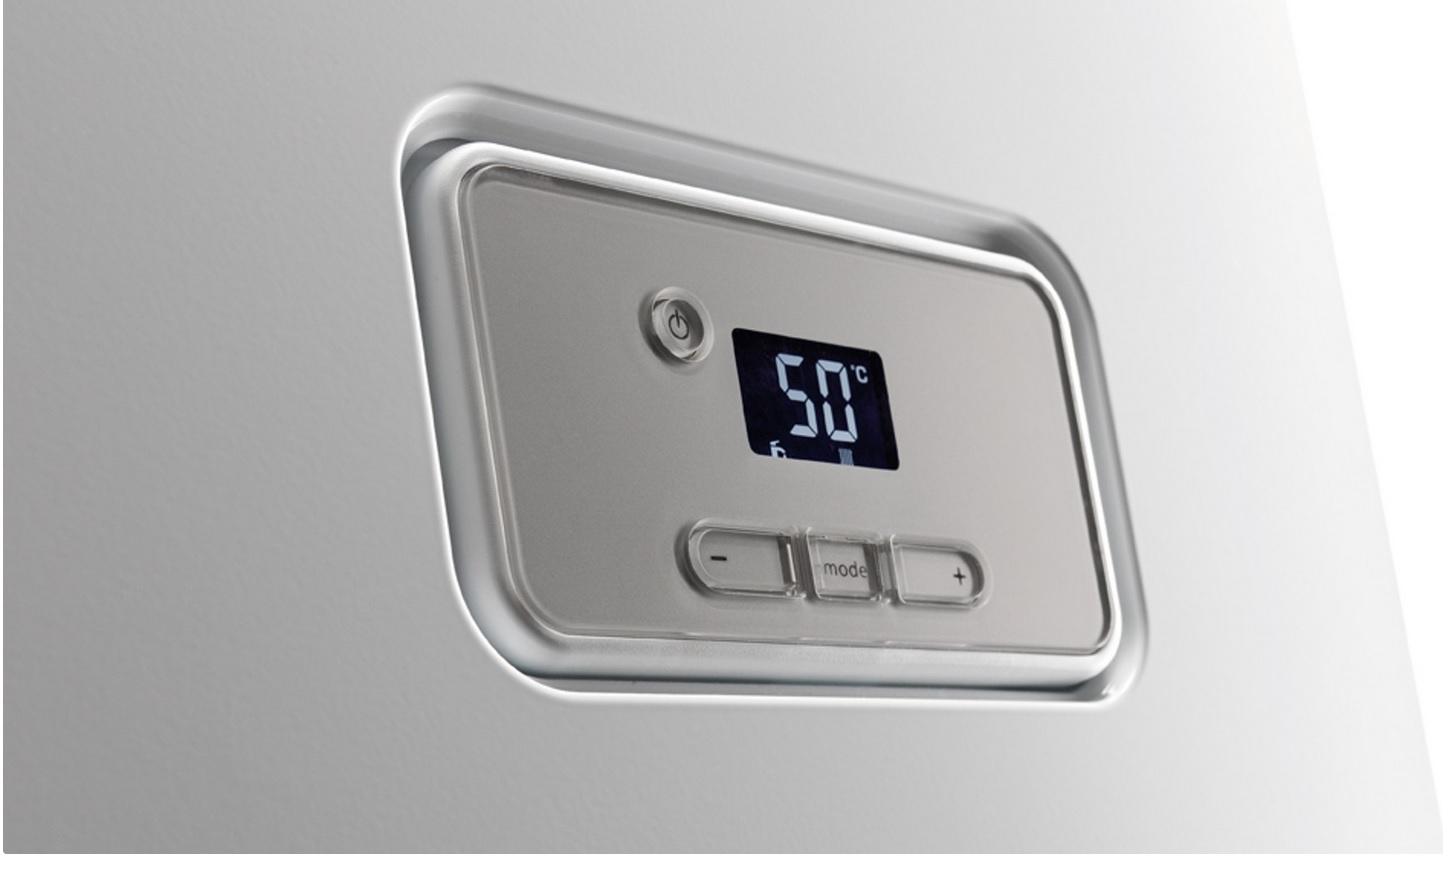 Installez ou faites remplacer votre appareil par une chaudi re themaclassic - Chaudiere basse temperature prix ...